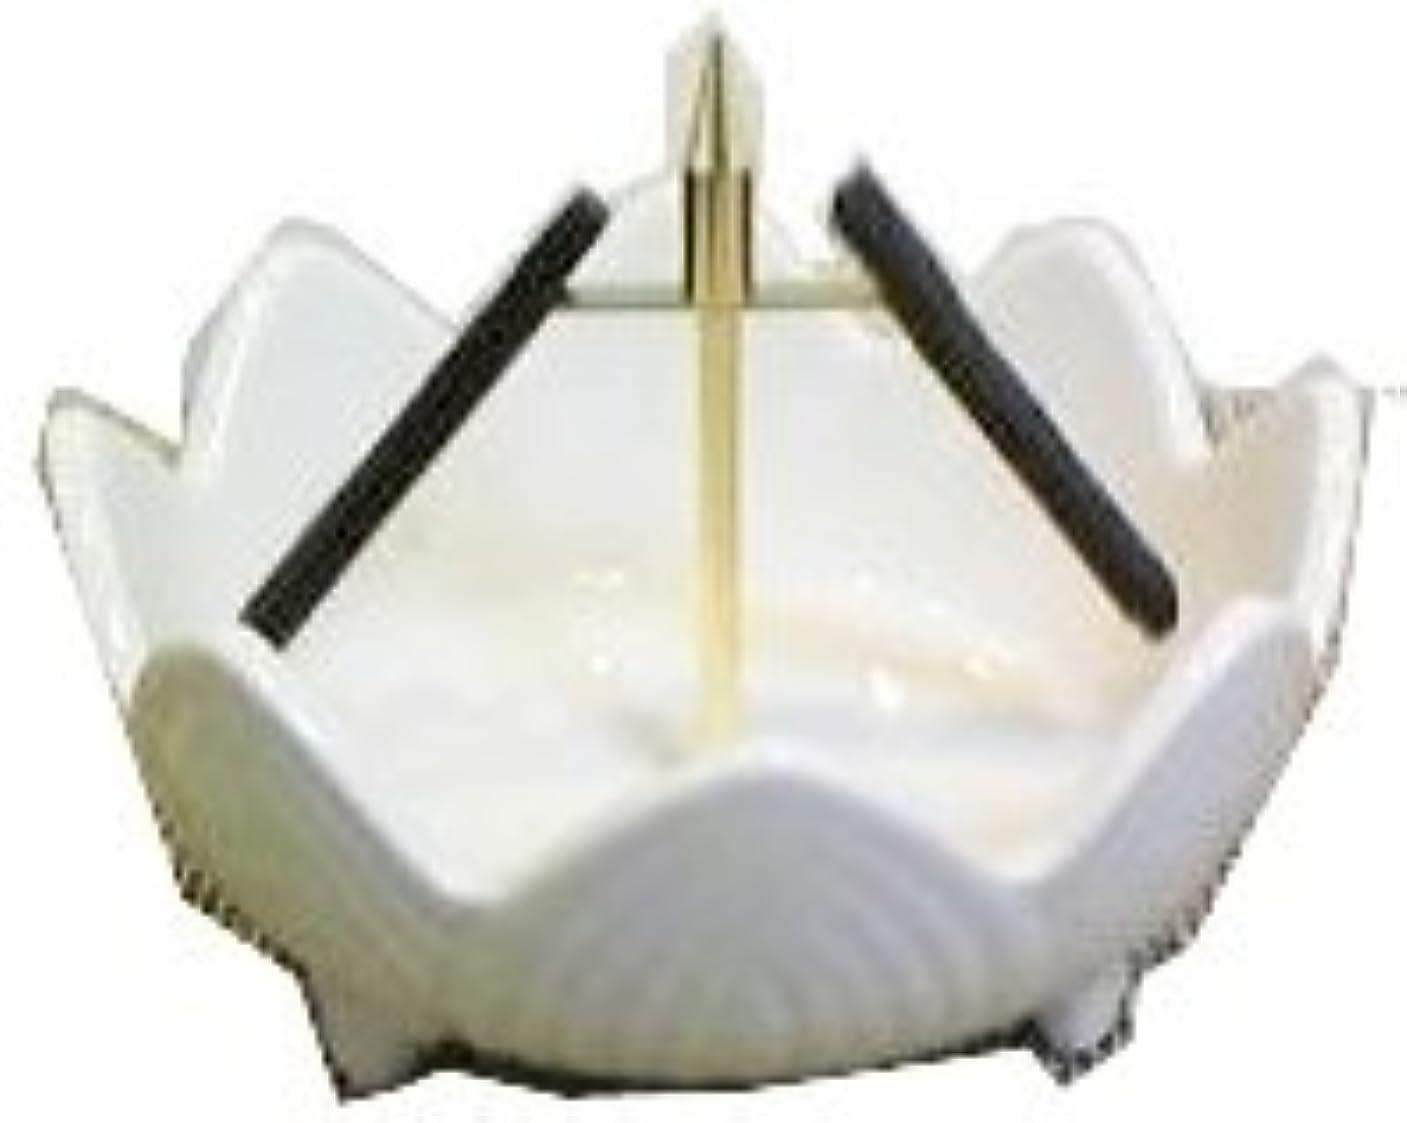 黙シリアル比喩天空高級香蓮 渦巻き線香 うずまき 巻き線香 乗せる台 渦巻き線香台 香炉 安全糸無しタイプ 渦巻き線香皿 #842